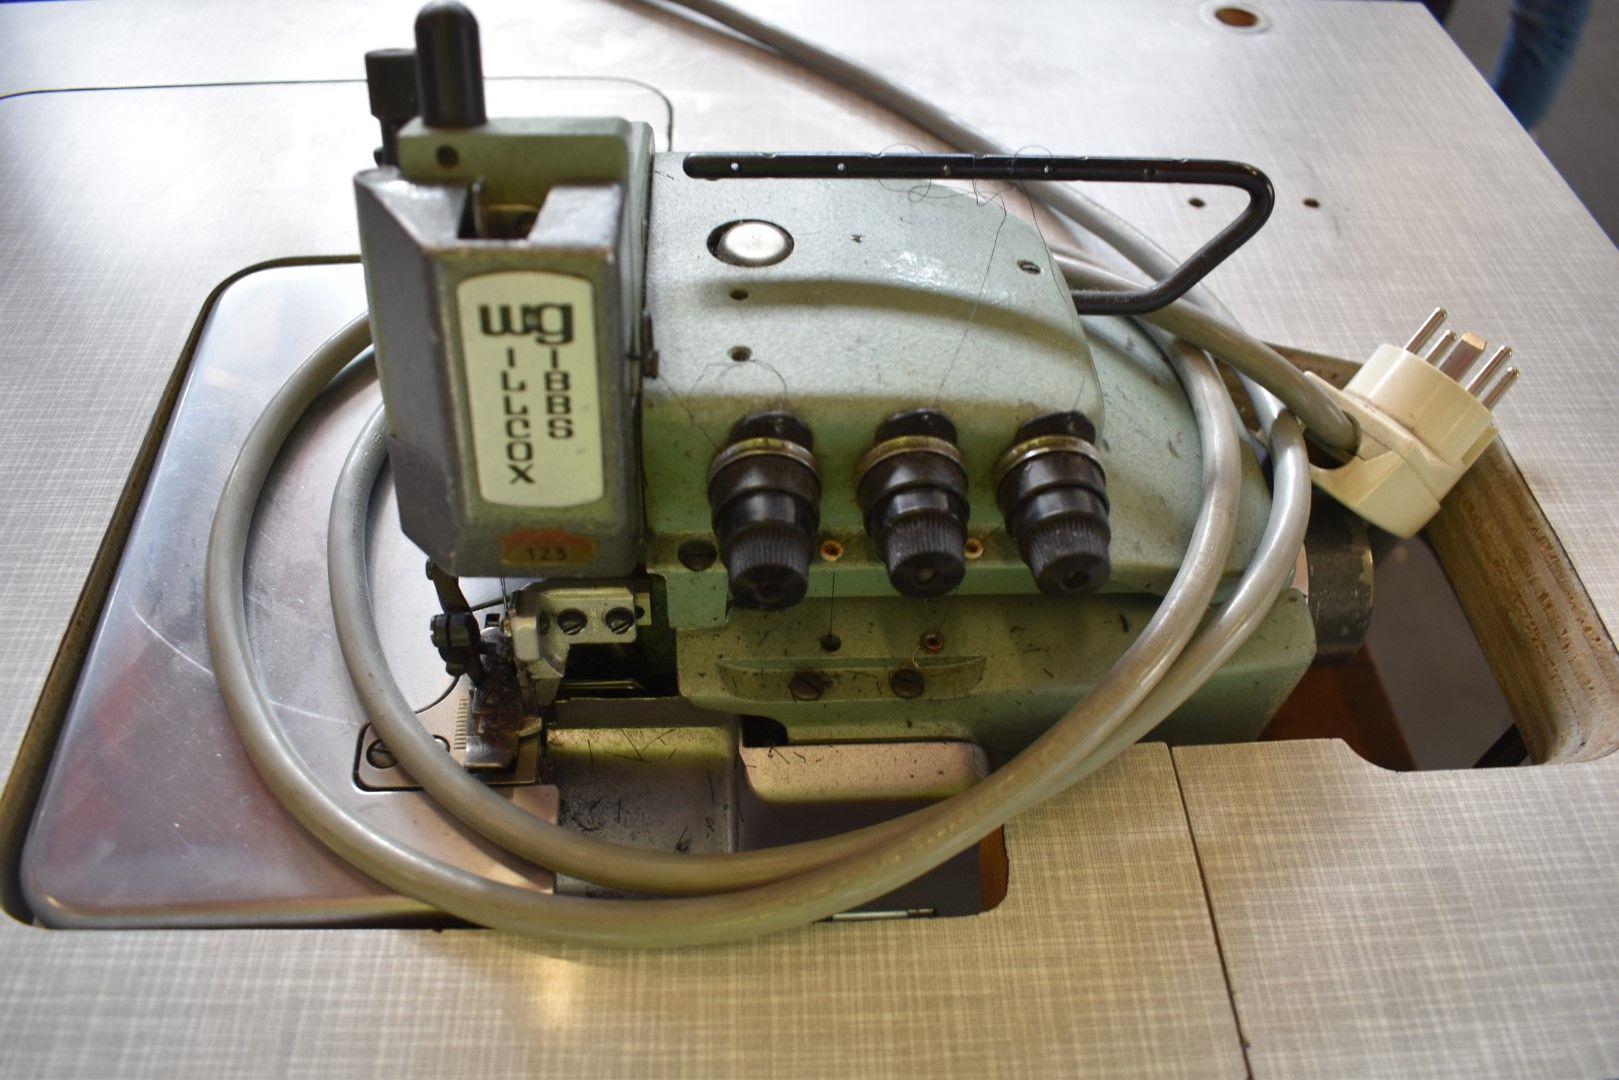 Willcox & amp; Gibbs Oberlockmaschine